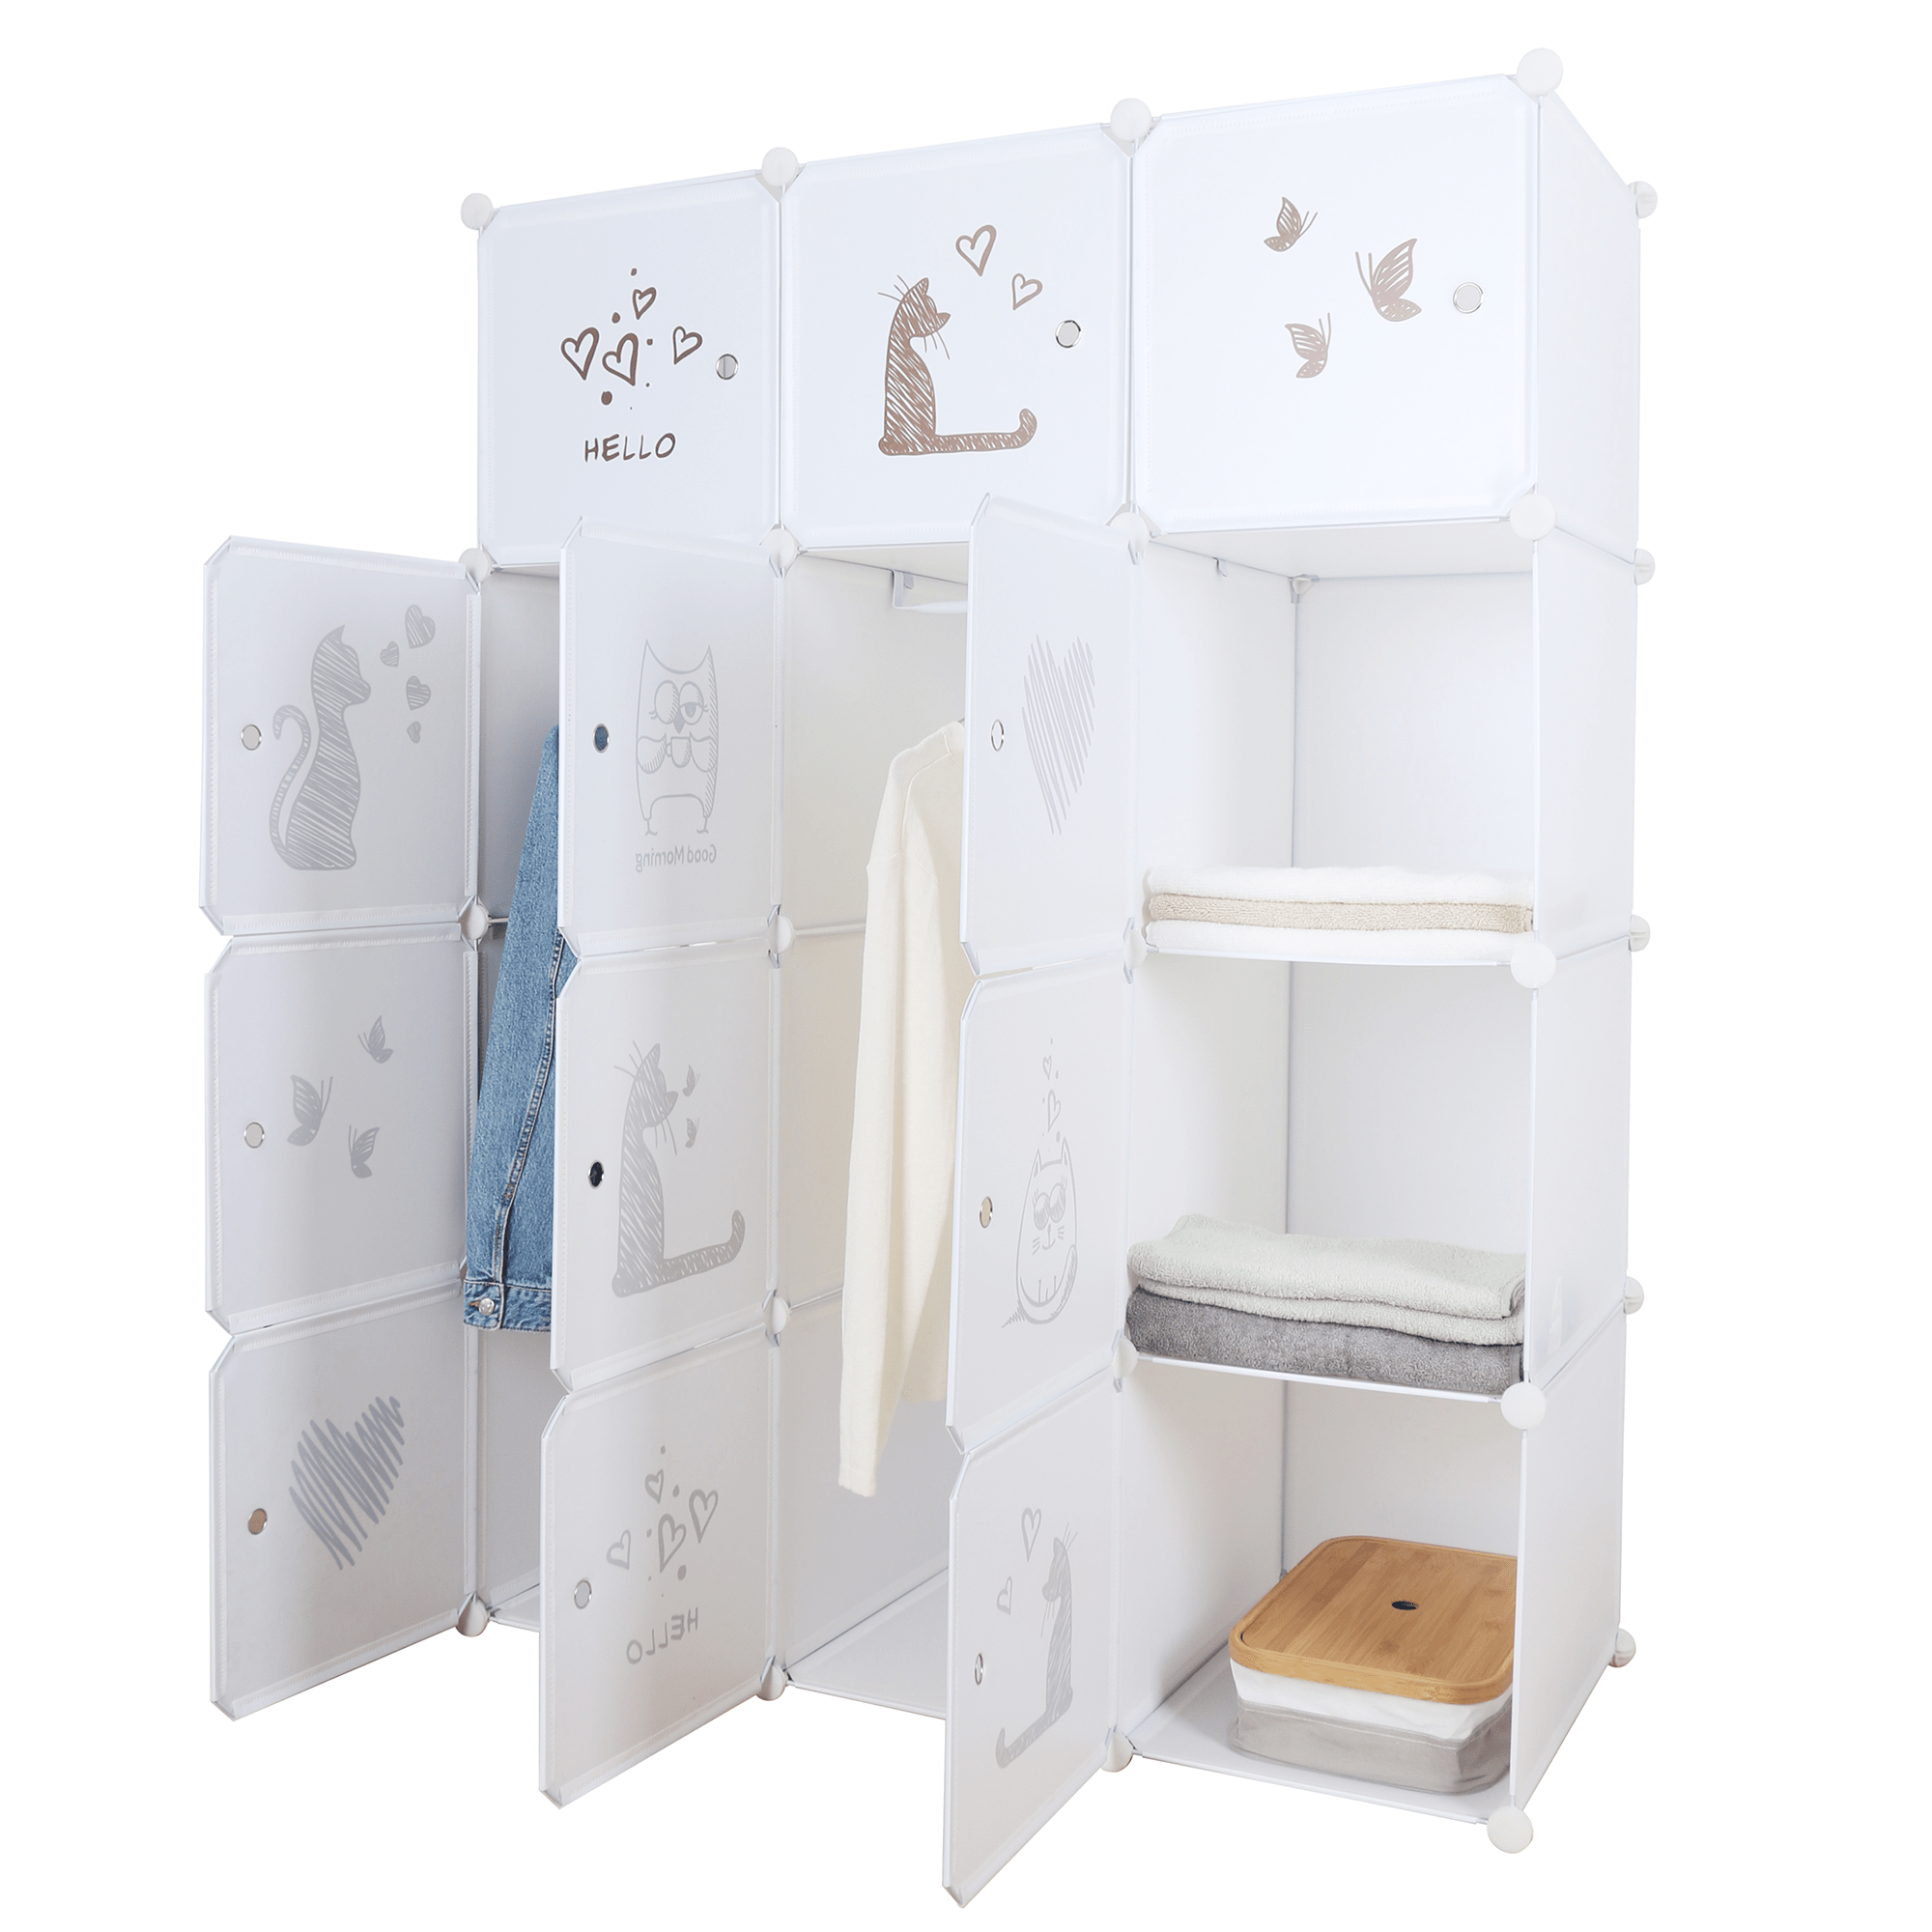 Dětská modulární skříň, bílá / hnědý dětský vzor, Kitaro, TEMPO KONDELA